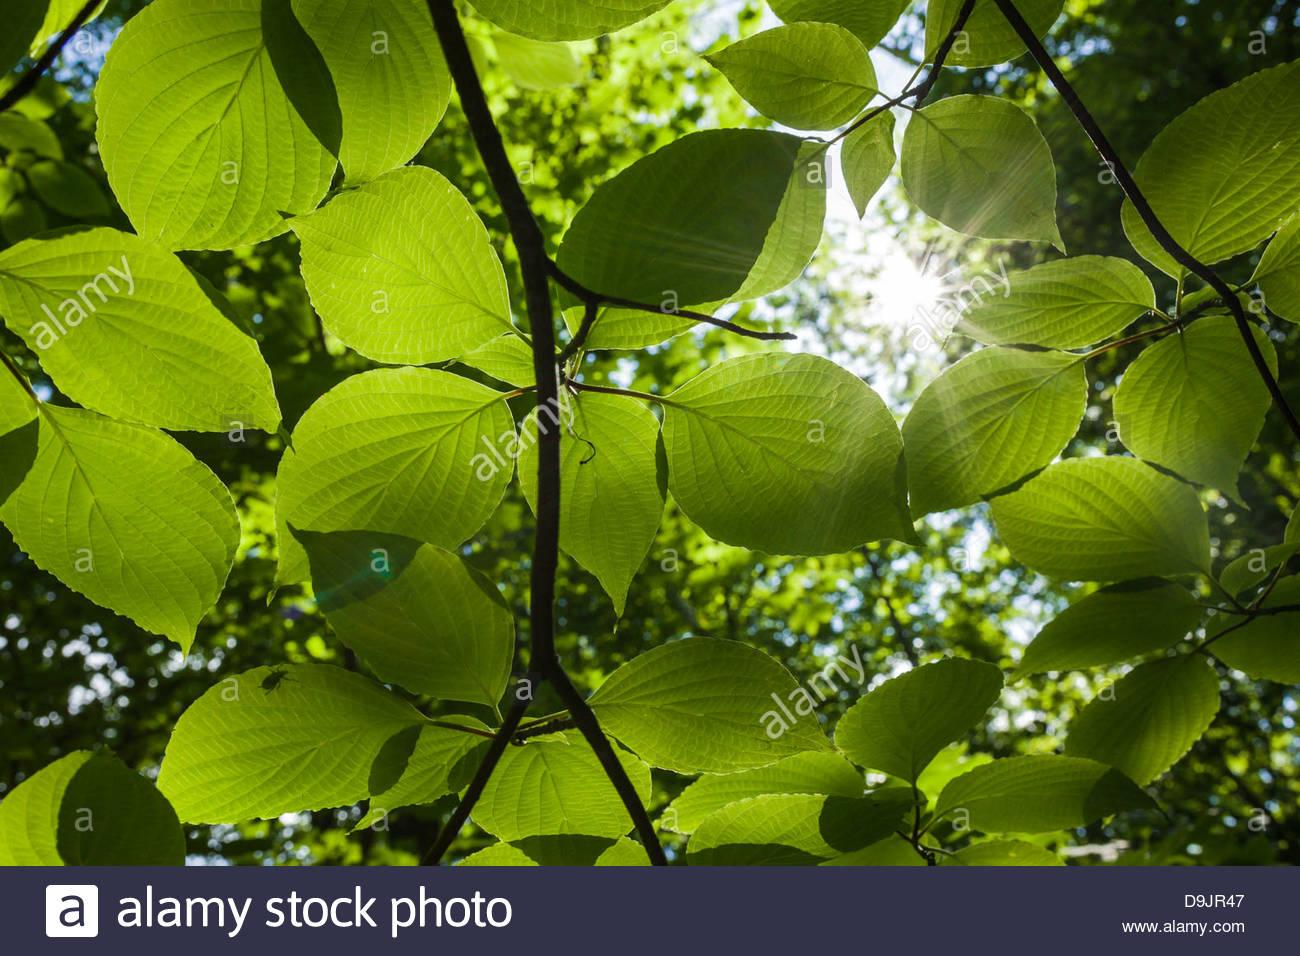 La lumière du soleil et de la chlorophylle dans les feuilles produisent de l'oxygène par photosynthèse Photo Stock